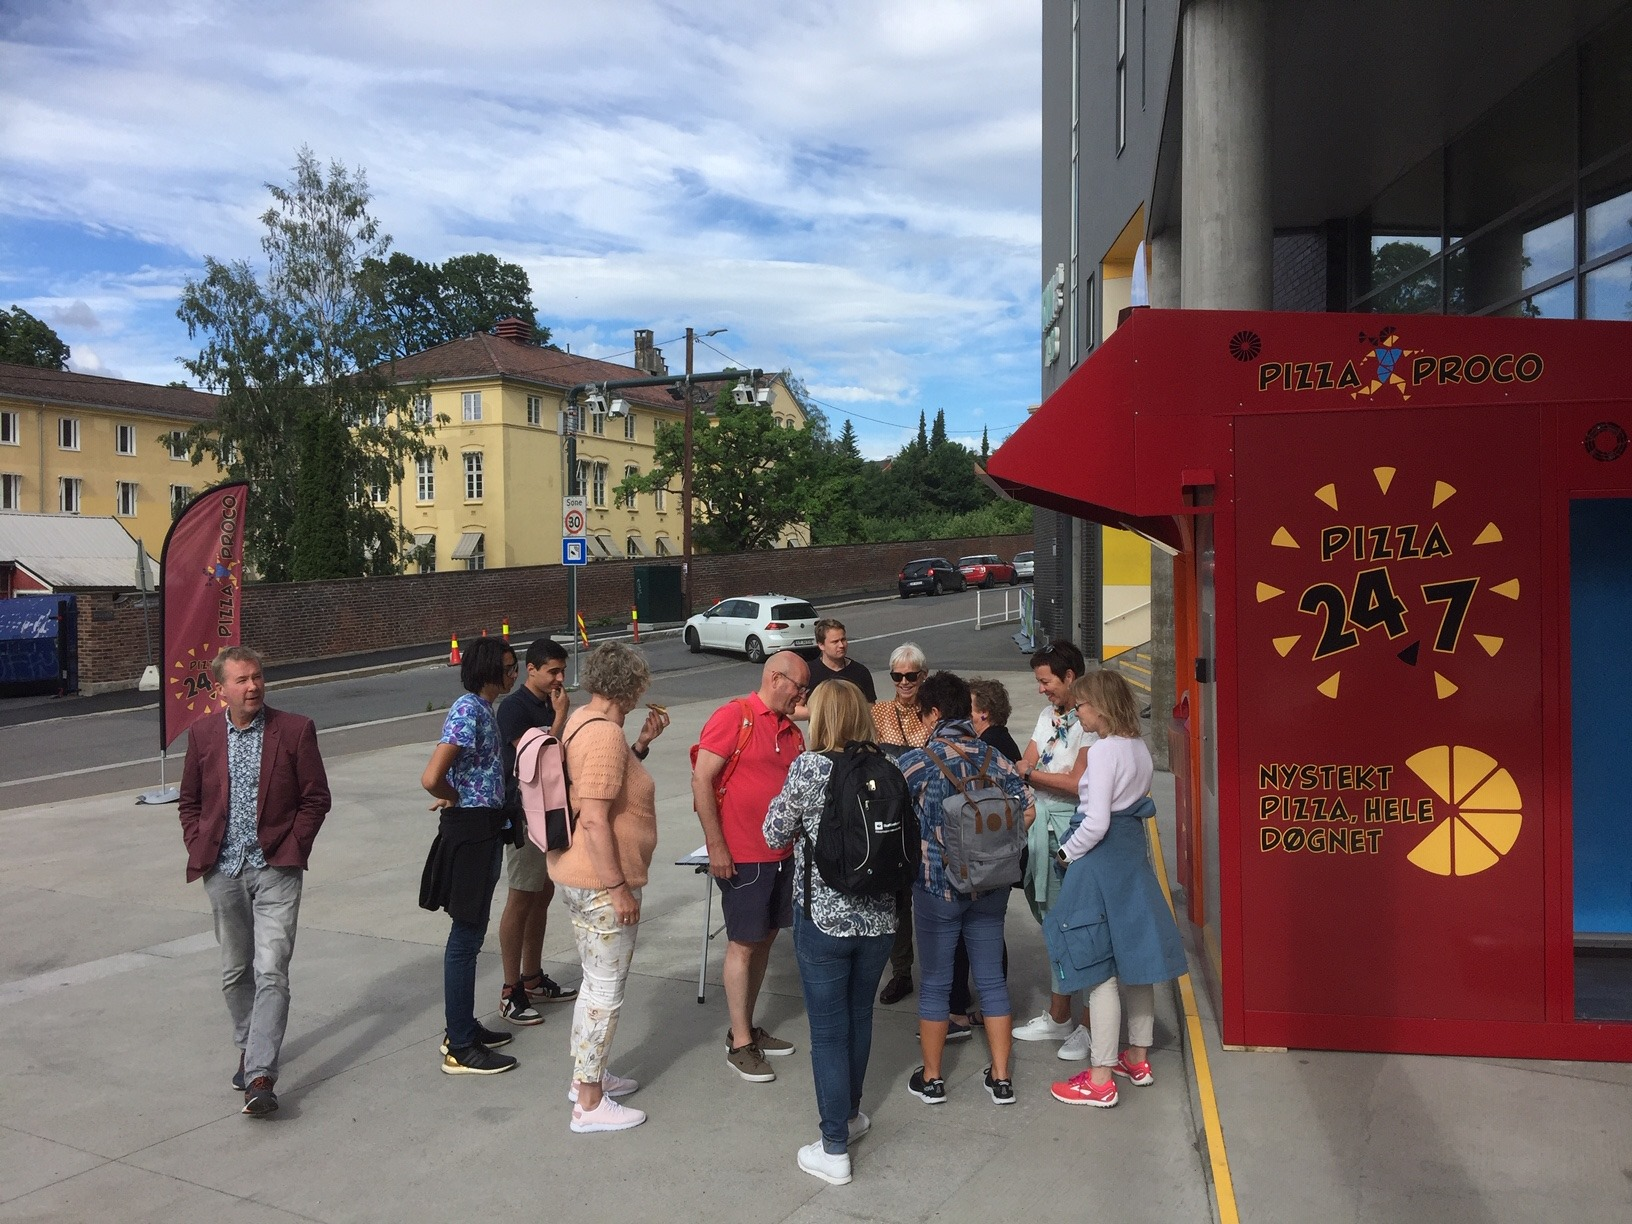 H&P Nordstrands blad Pizzaproco Oslo -2019 - pizzadoor en norvege